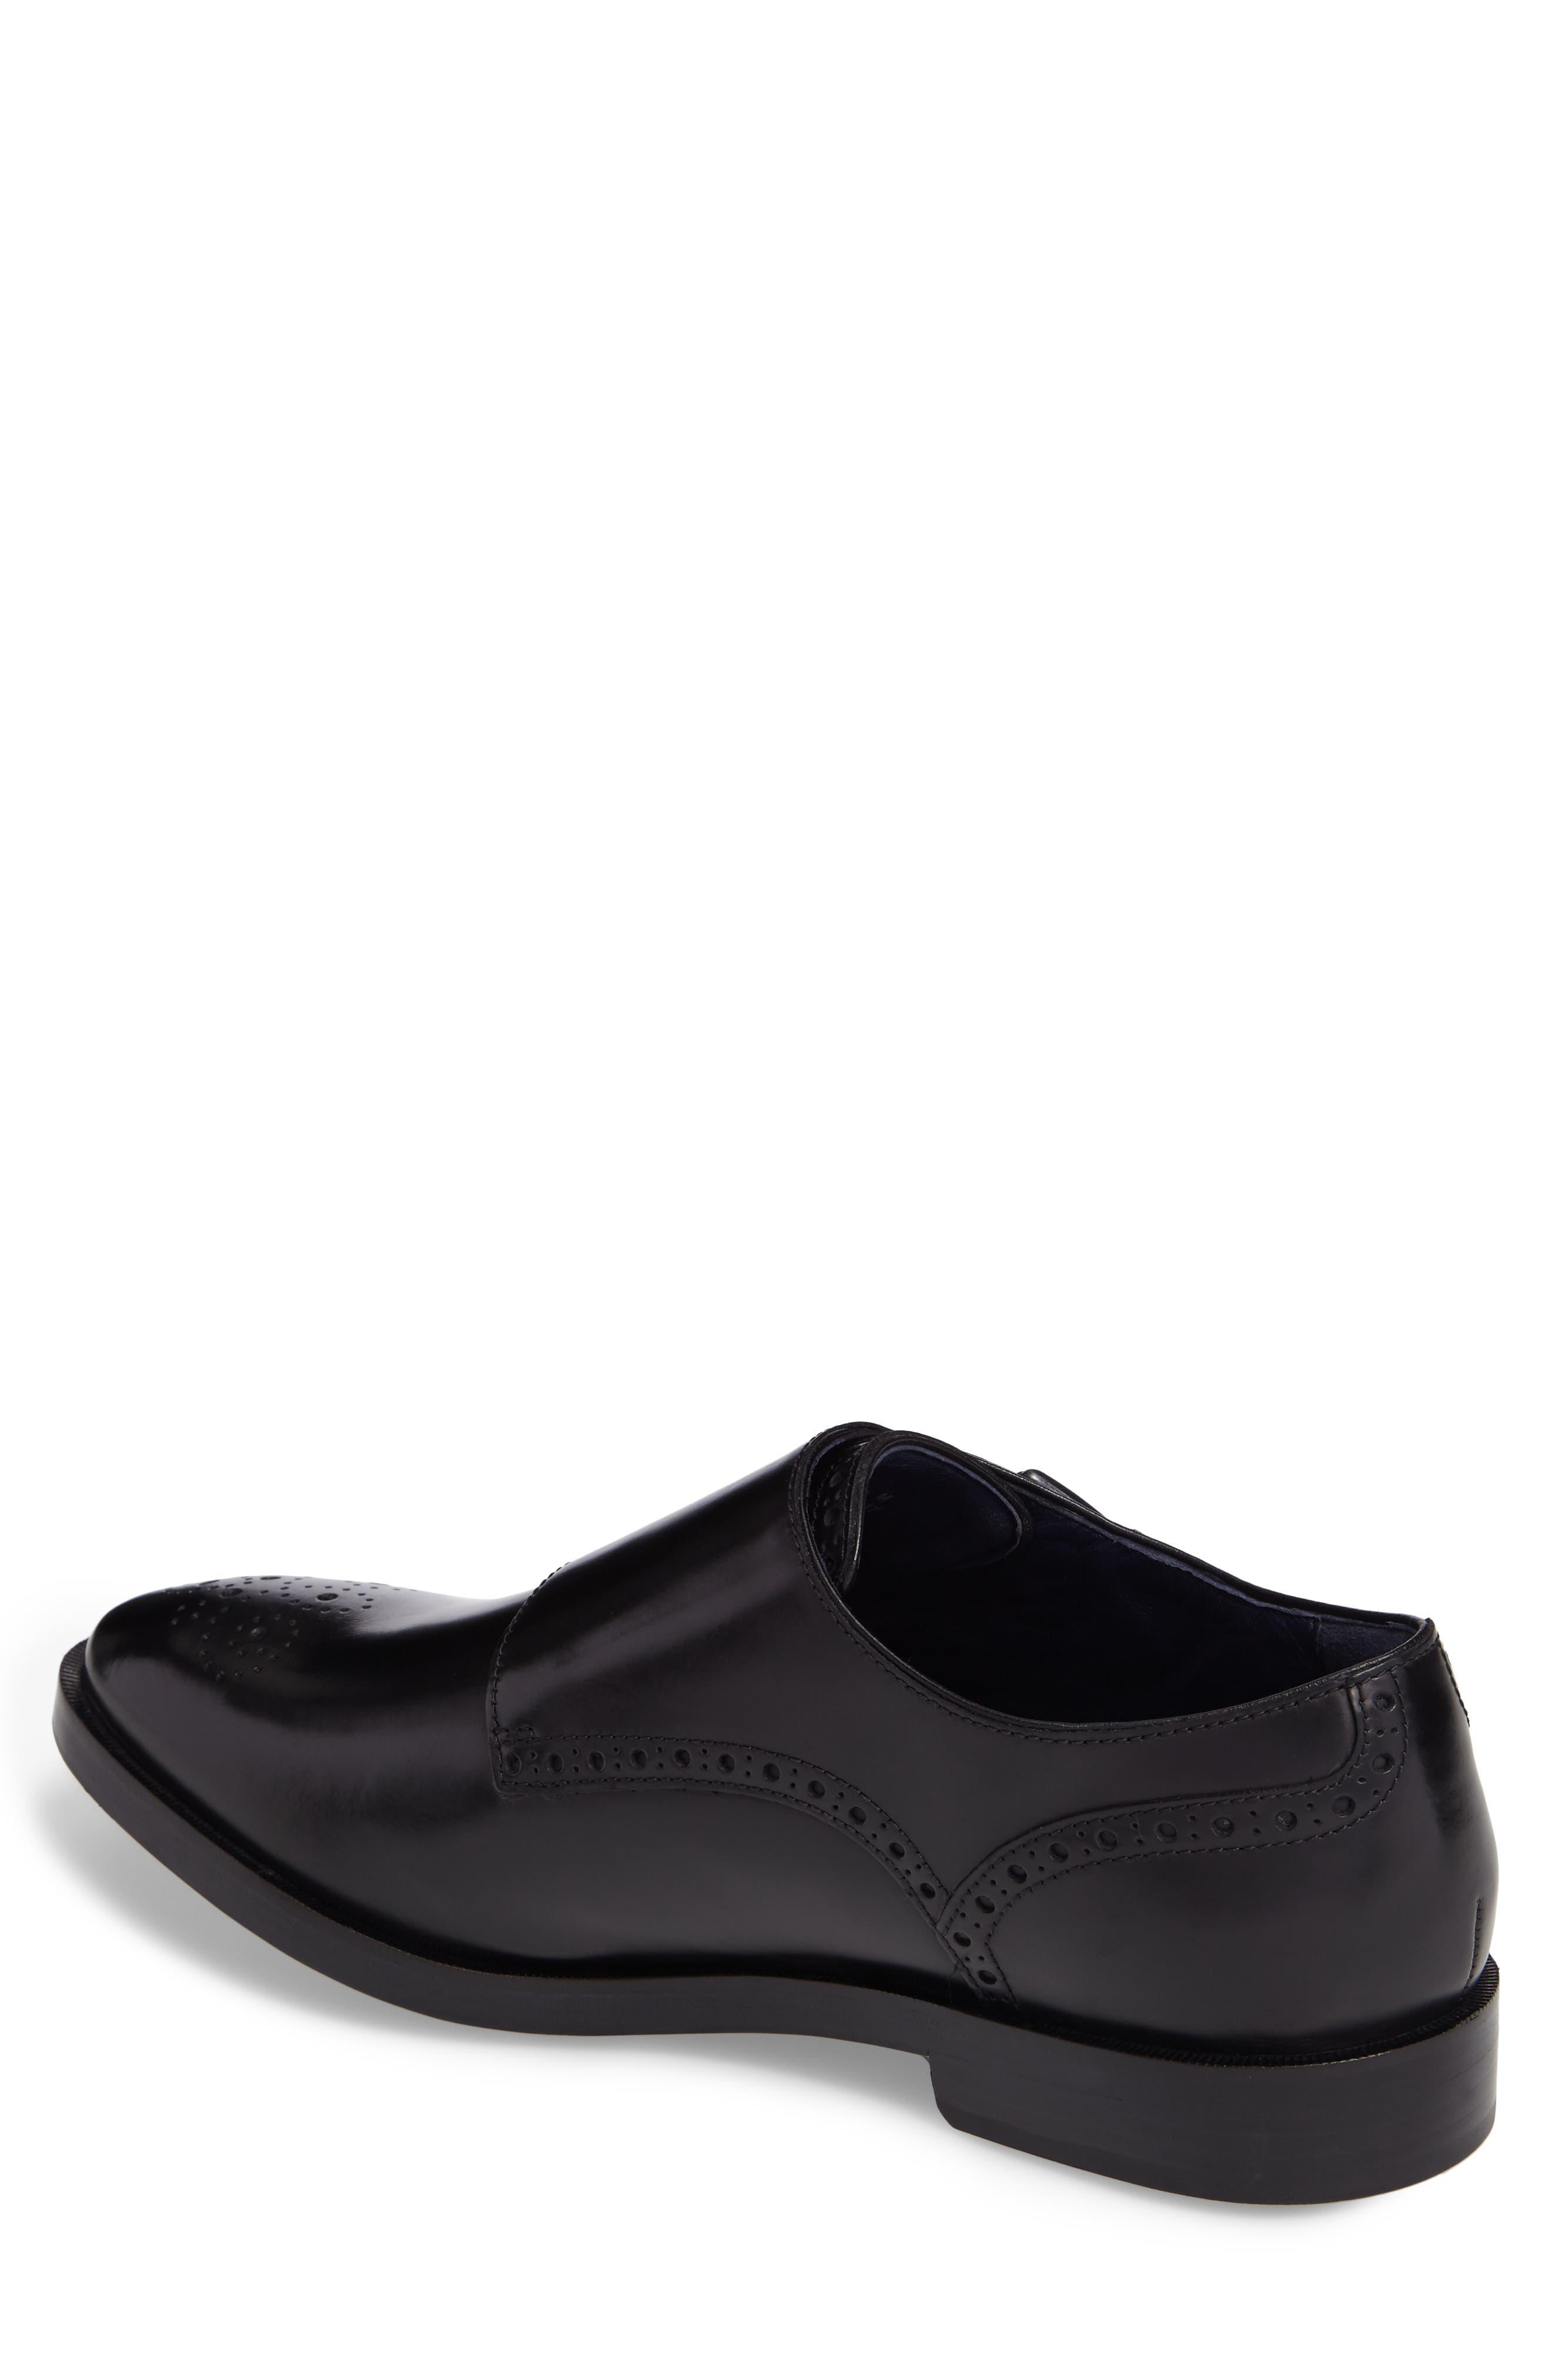 Alternate Image 2  - Cole Haan Hamilton Double Monk Strap Shoe (Men)